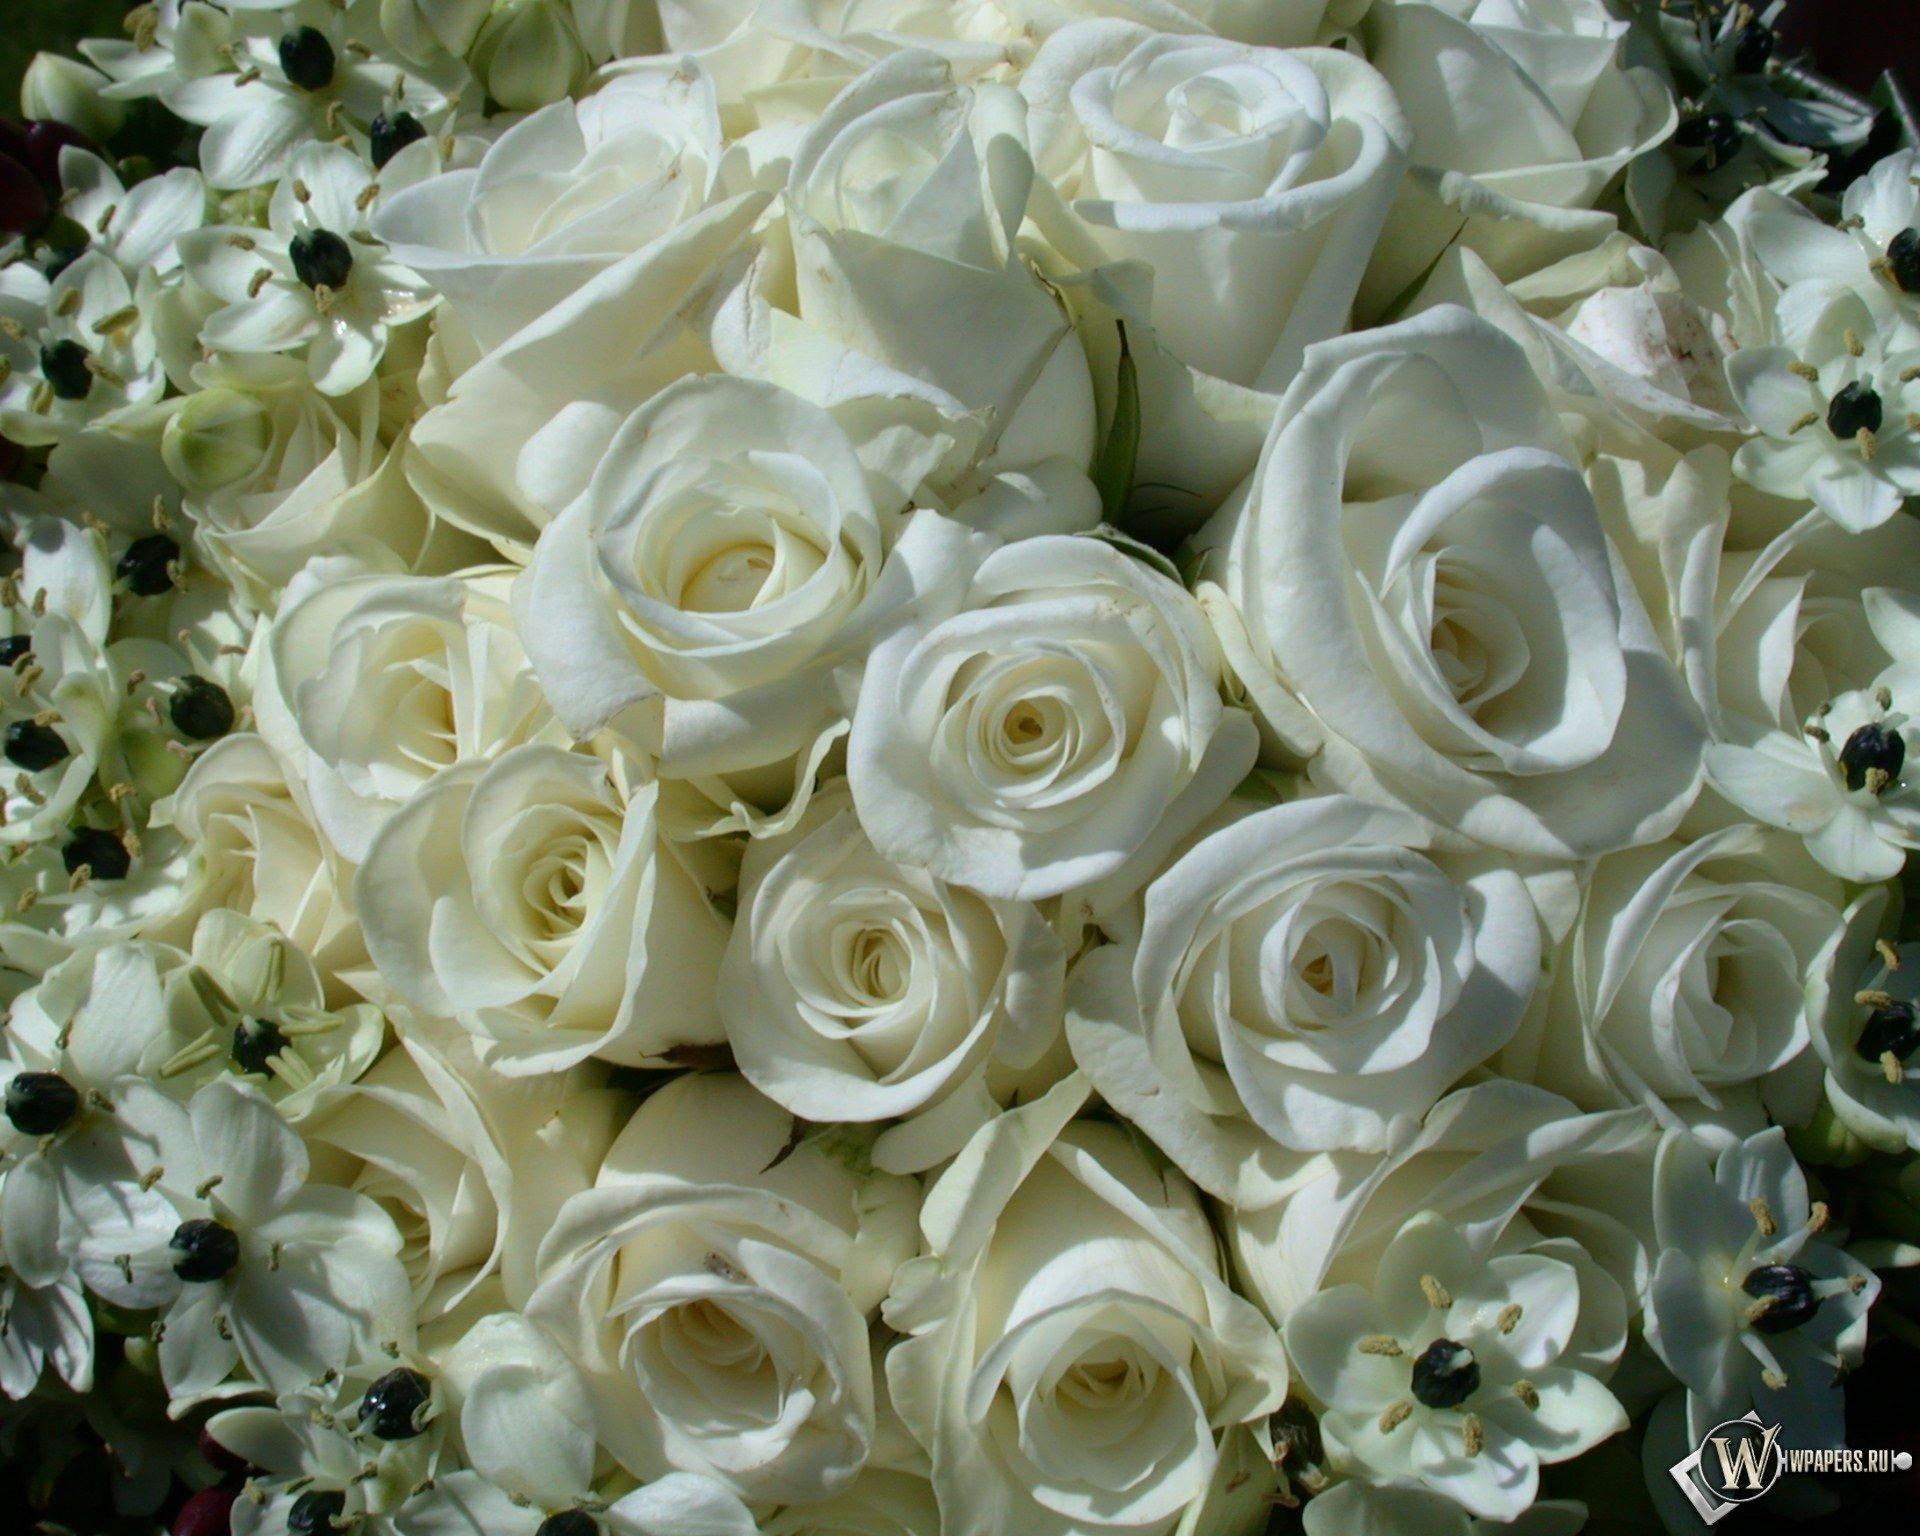 картинки самых красивых белых роз в мире рыбы обмакивают смеси